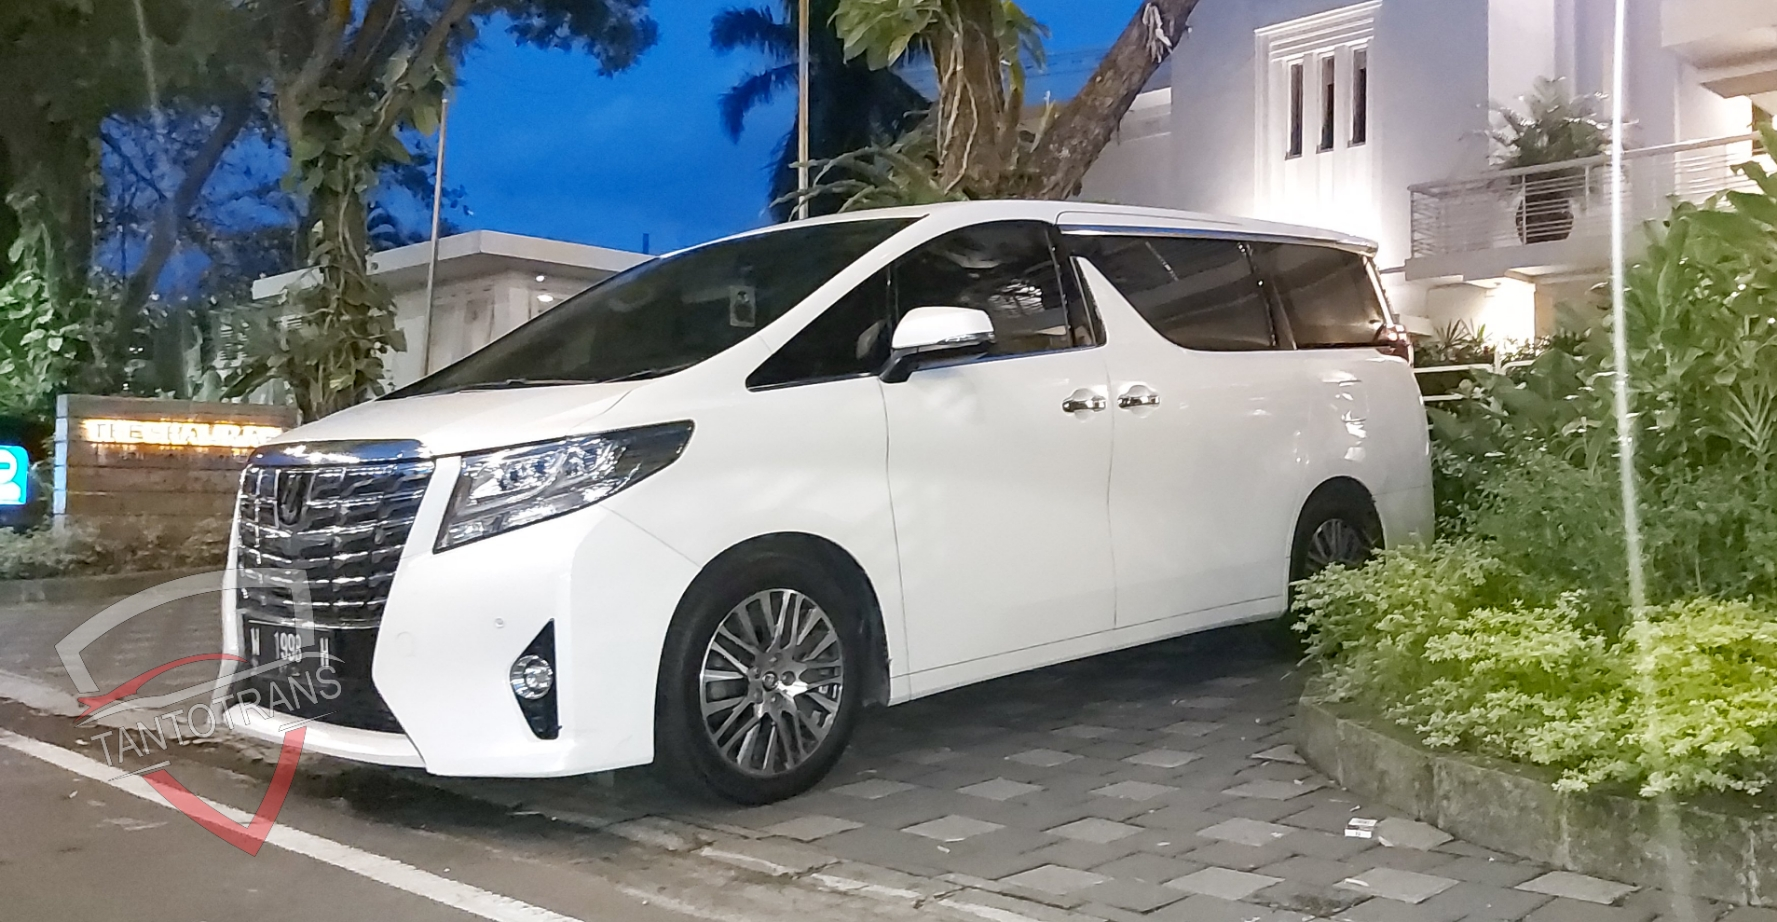 Sewa Mobil Mewah Surabaya Rental Mobil Mewah Terpecaya Tantotrans